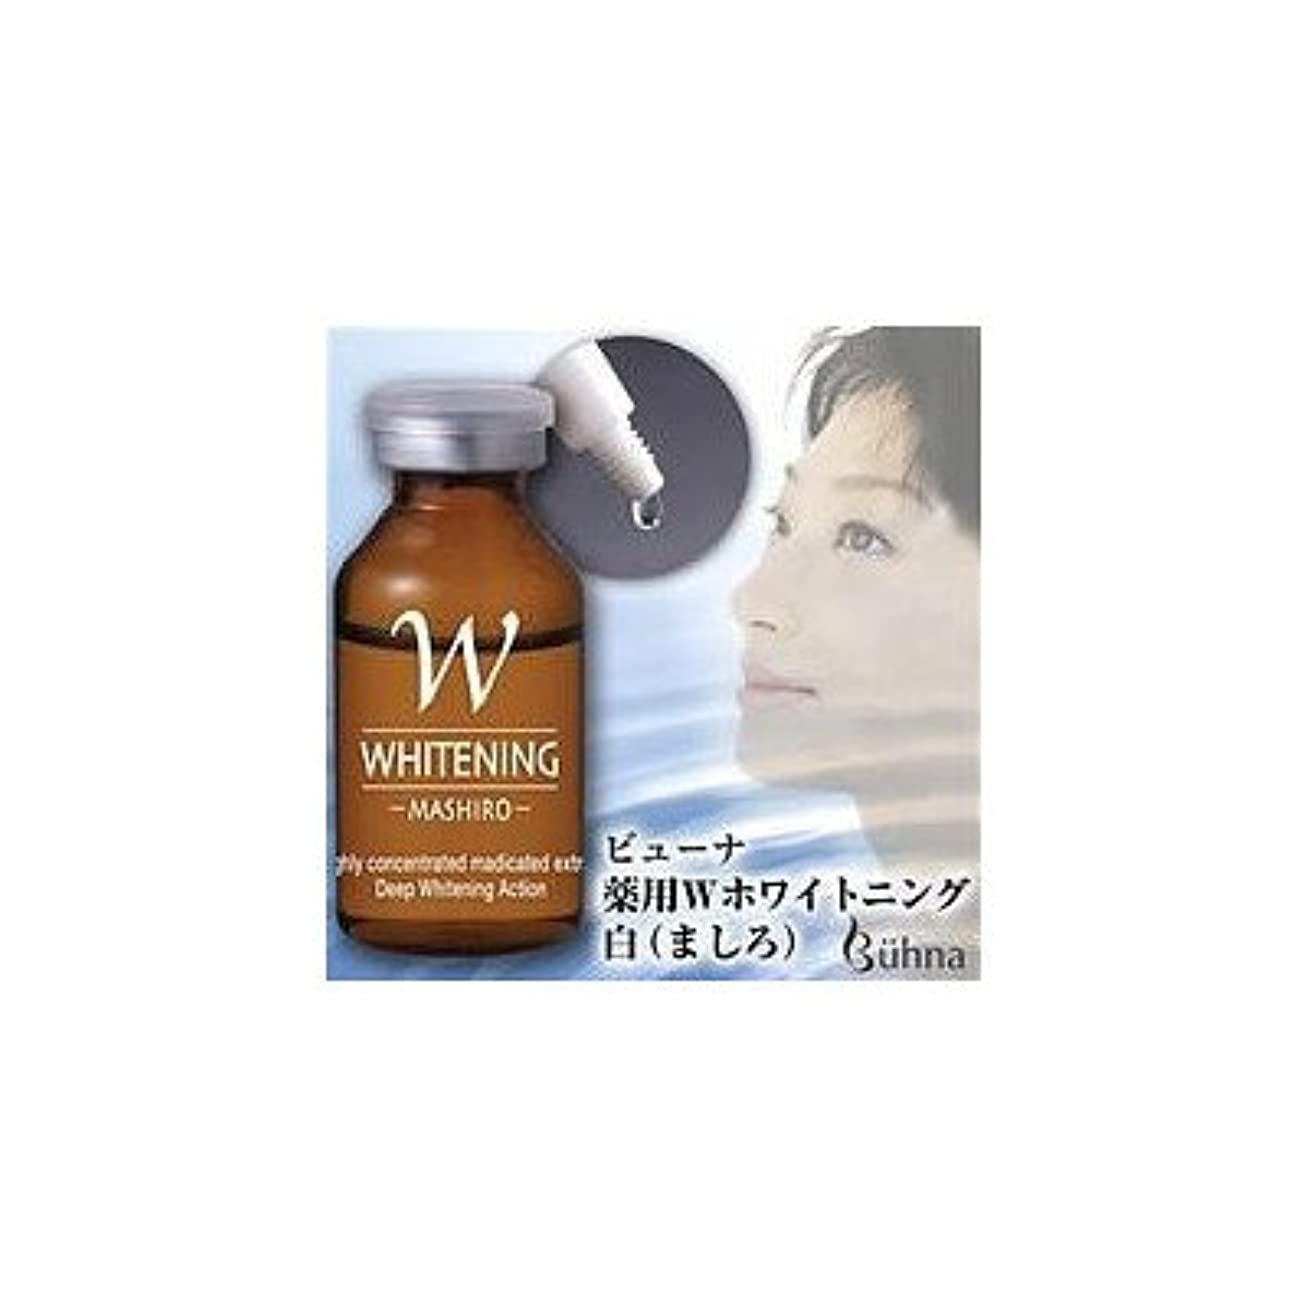 スラム記事相対的翌朝の肌で感じる美肌力 ビューナ 薬用Wホワイトニング 白